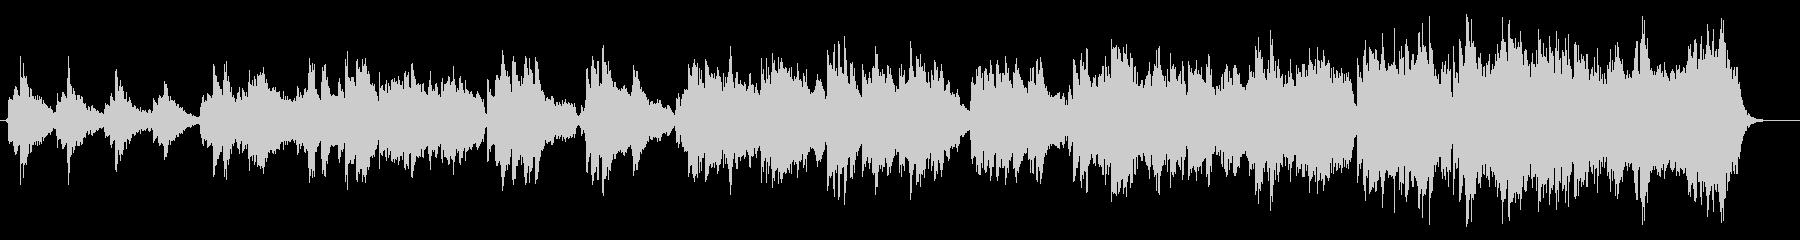 二胡、琵琶などを使用したアジアンな曲の未再生の波形